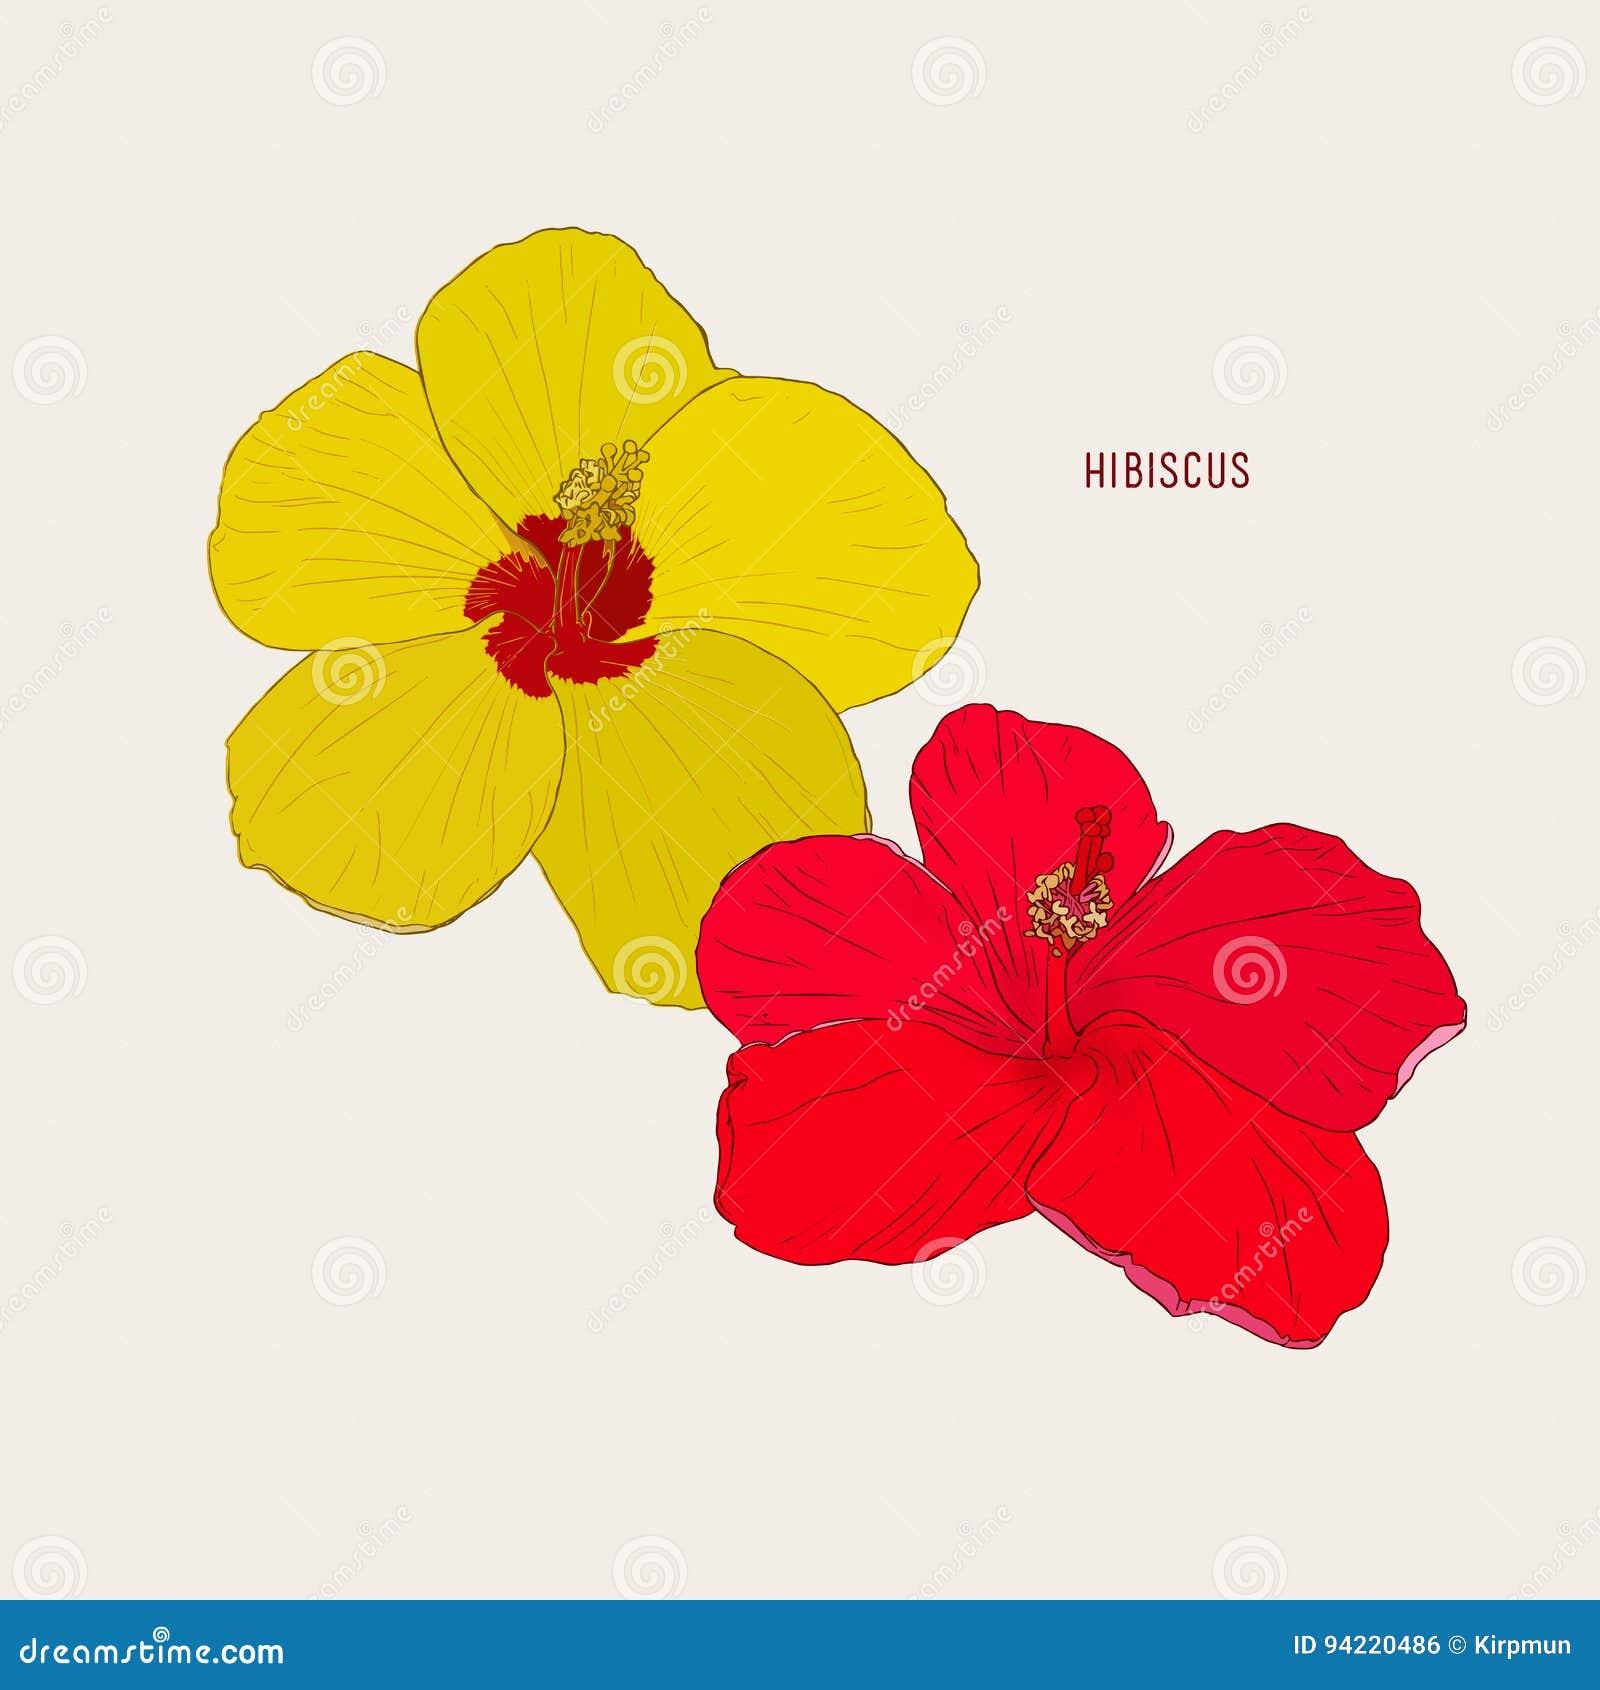 5 Flores Hawaianas Del Hibisco Stock de ilustración - Ilustración de ...